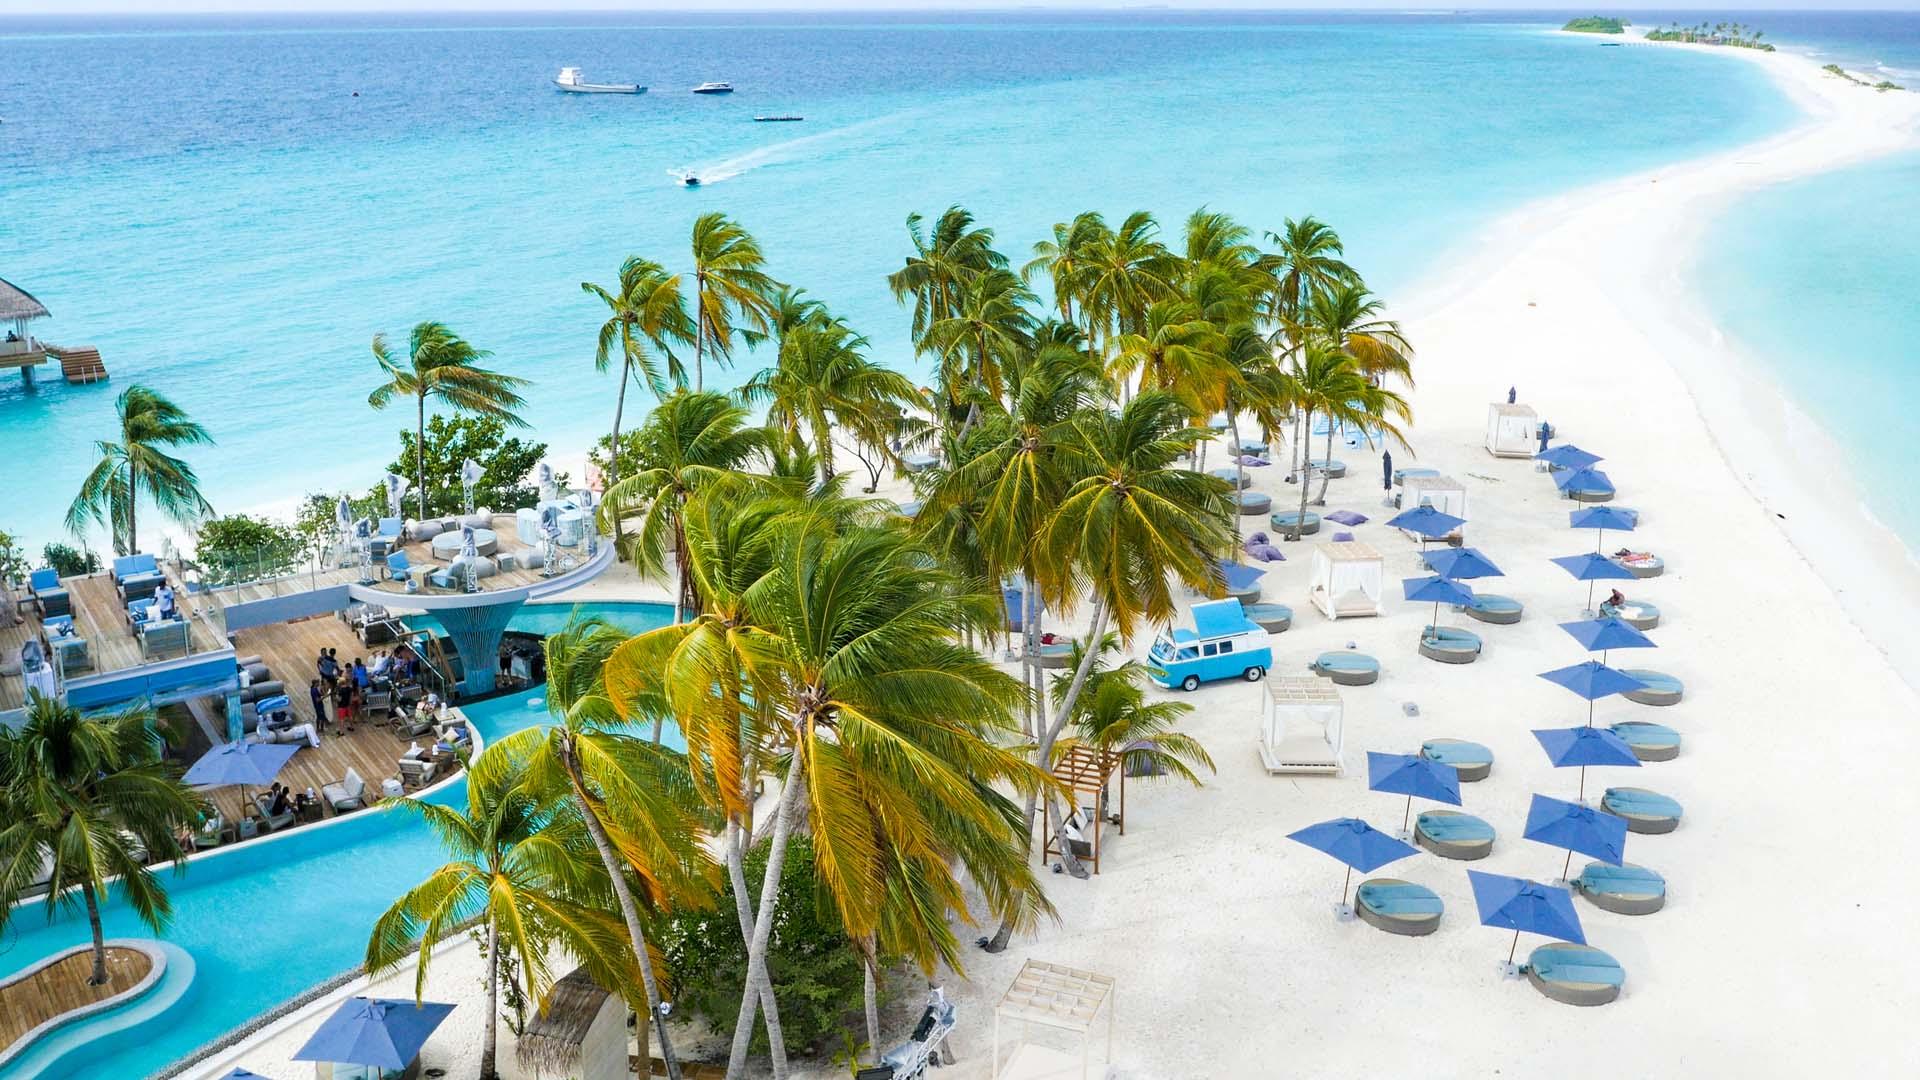 Finolhu Resort in the Maldives Baa Atoll your escape (27)